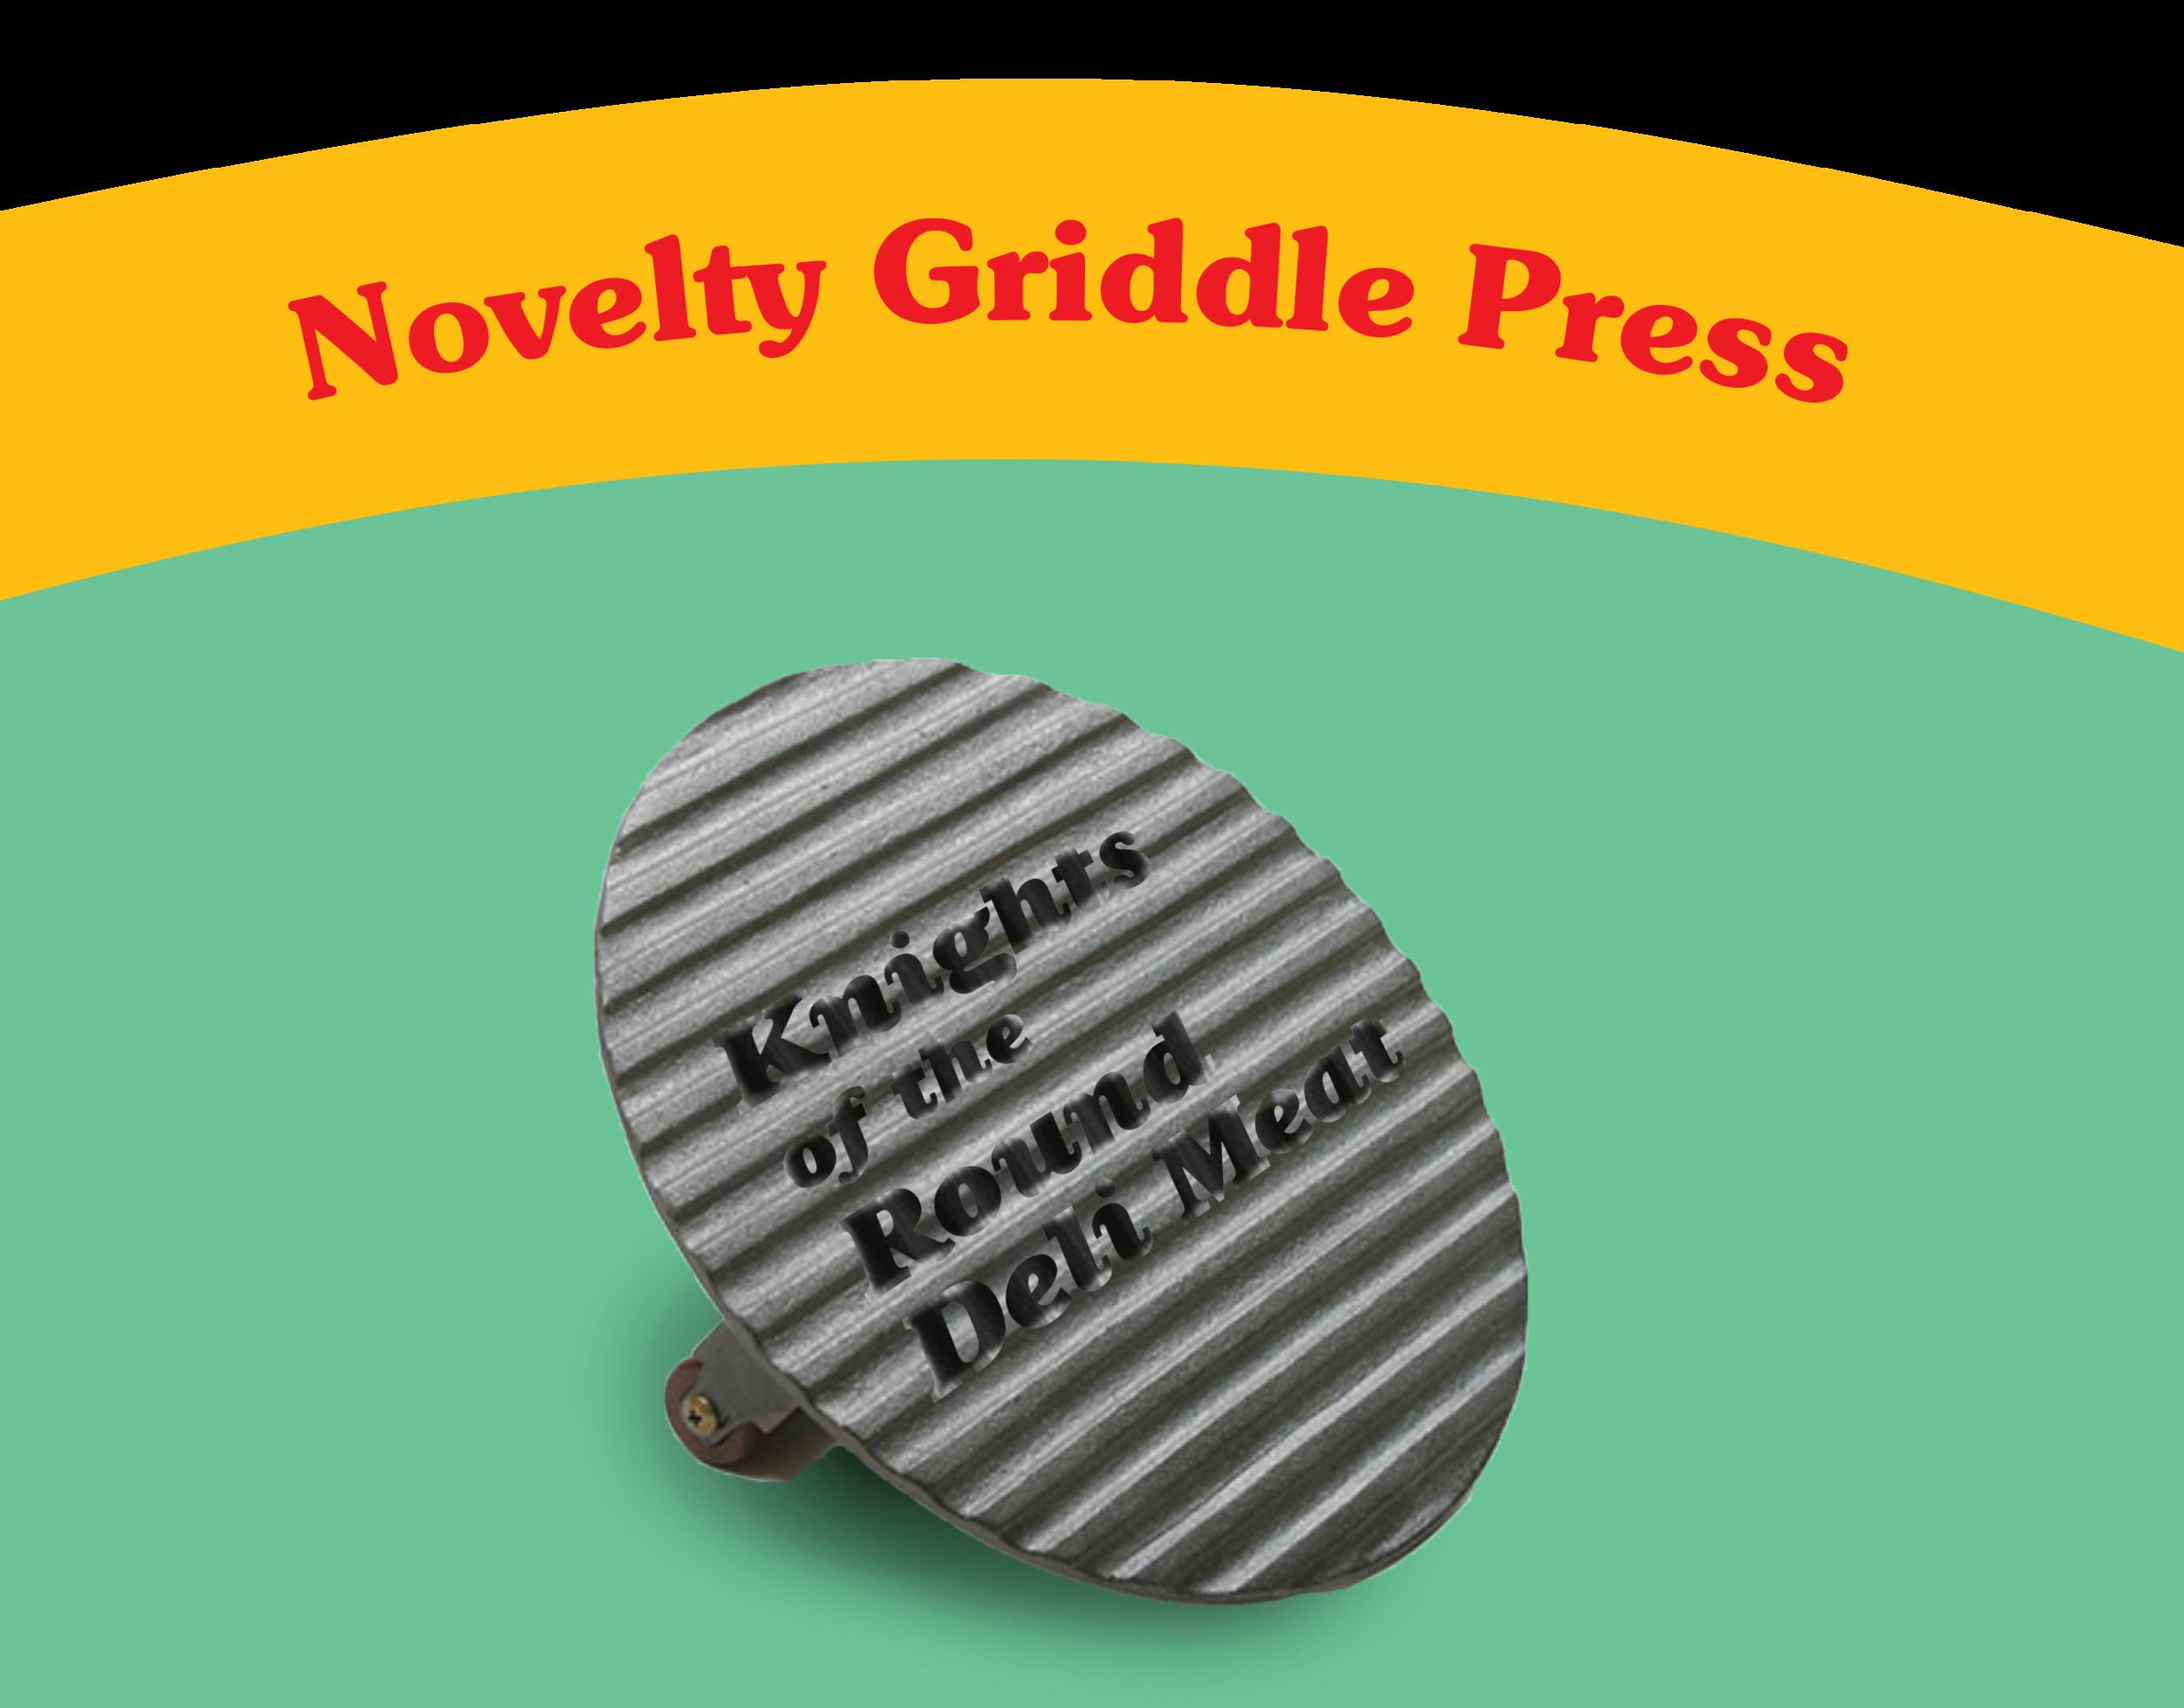 GriddlePress.png